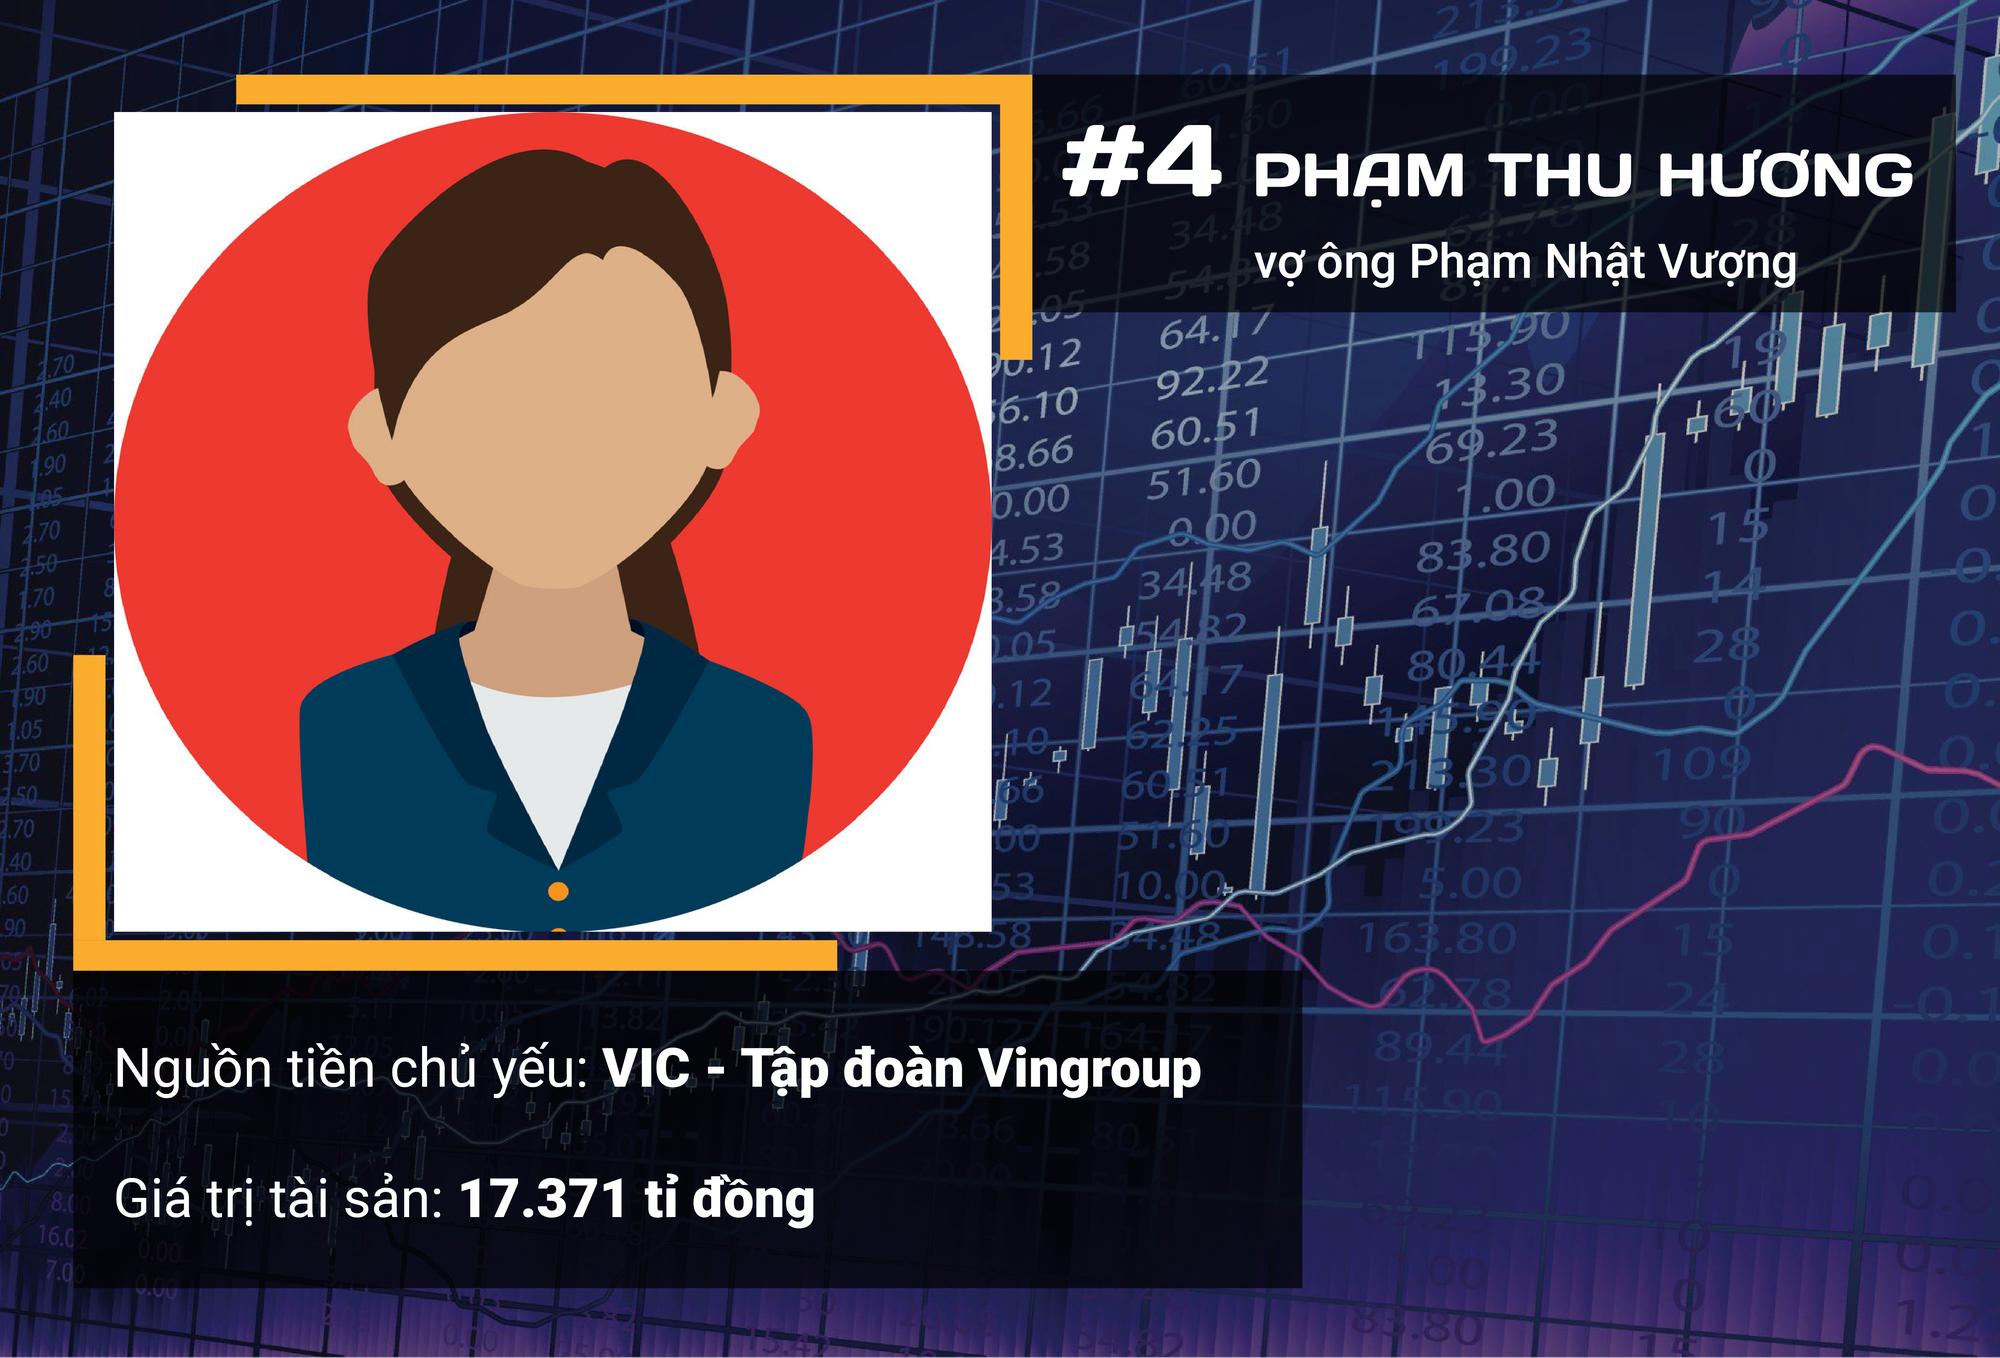 Ngoài ông Phạm Nhật Vượng, ai là 10 người giàu nhất sàn chứng khoán Việt năm 2019? - Ảnh 7.